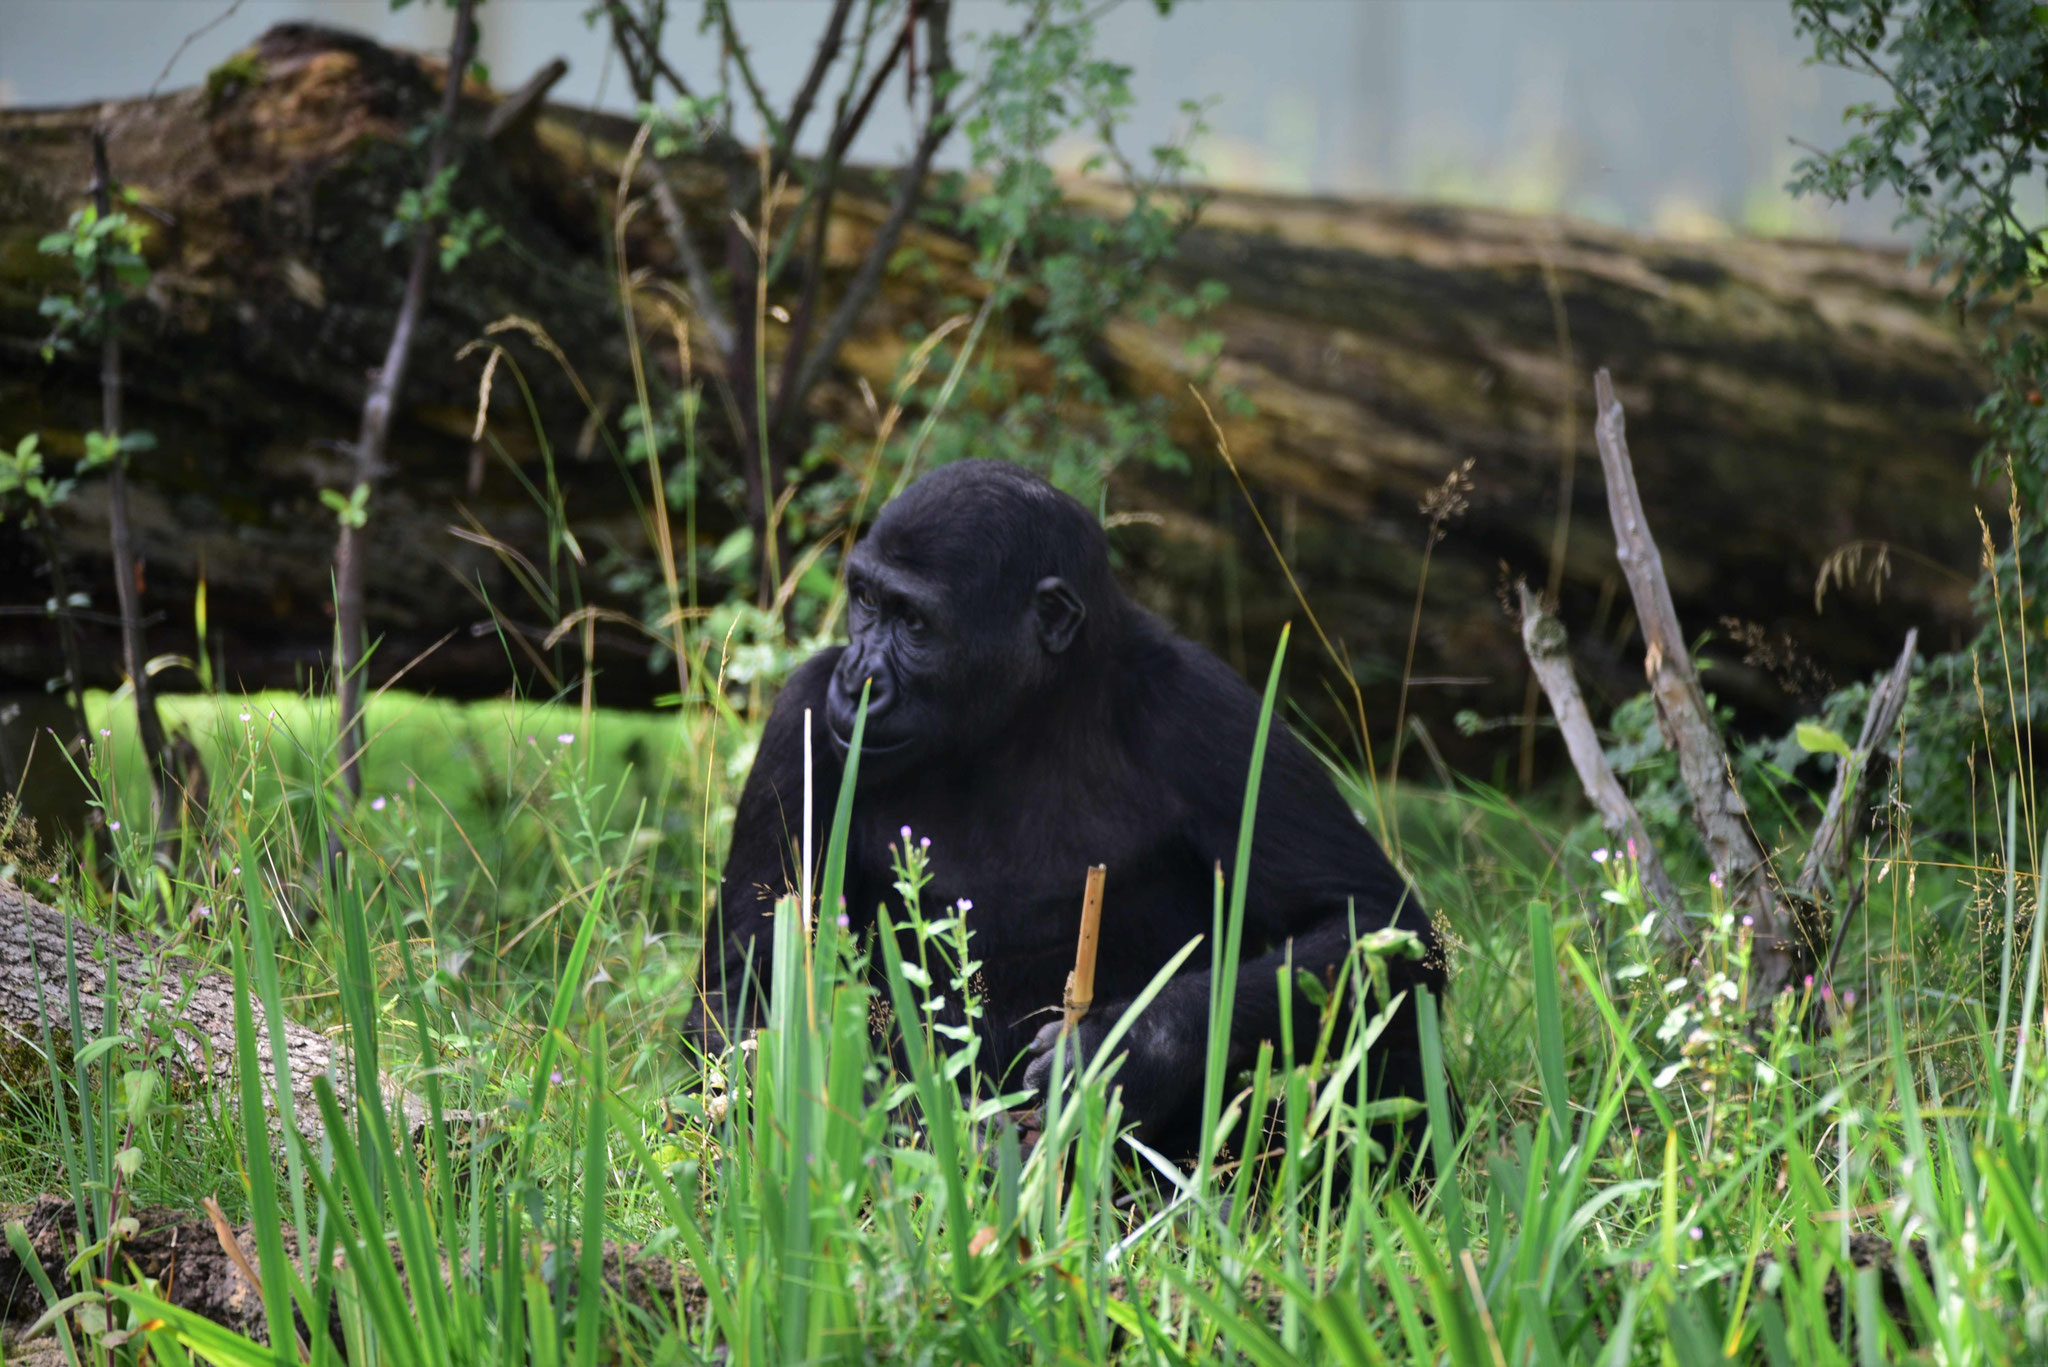 Entspannter Gorilla, Wilhelma Stuttgart